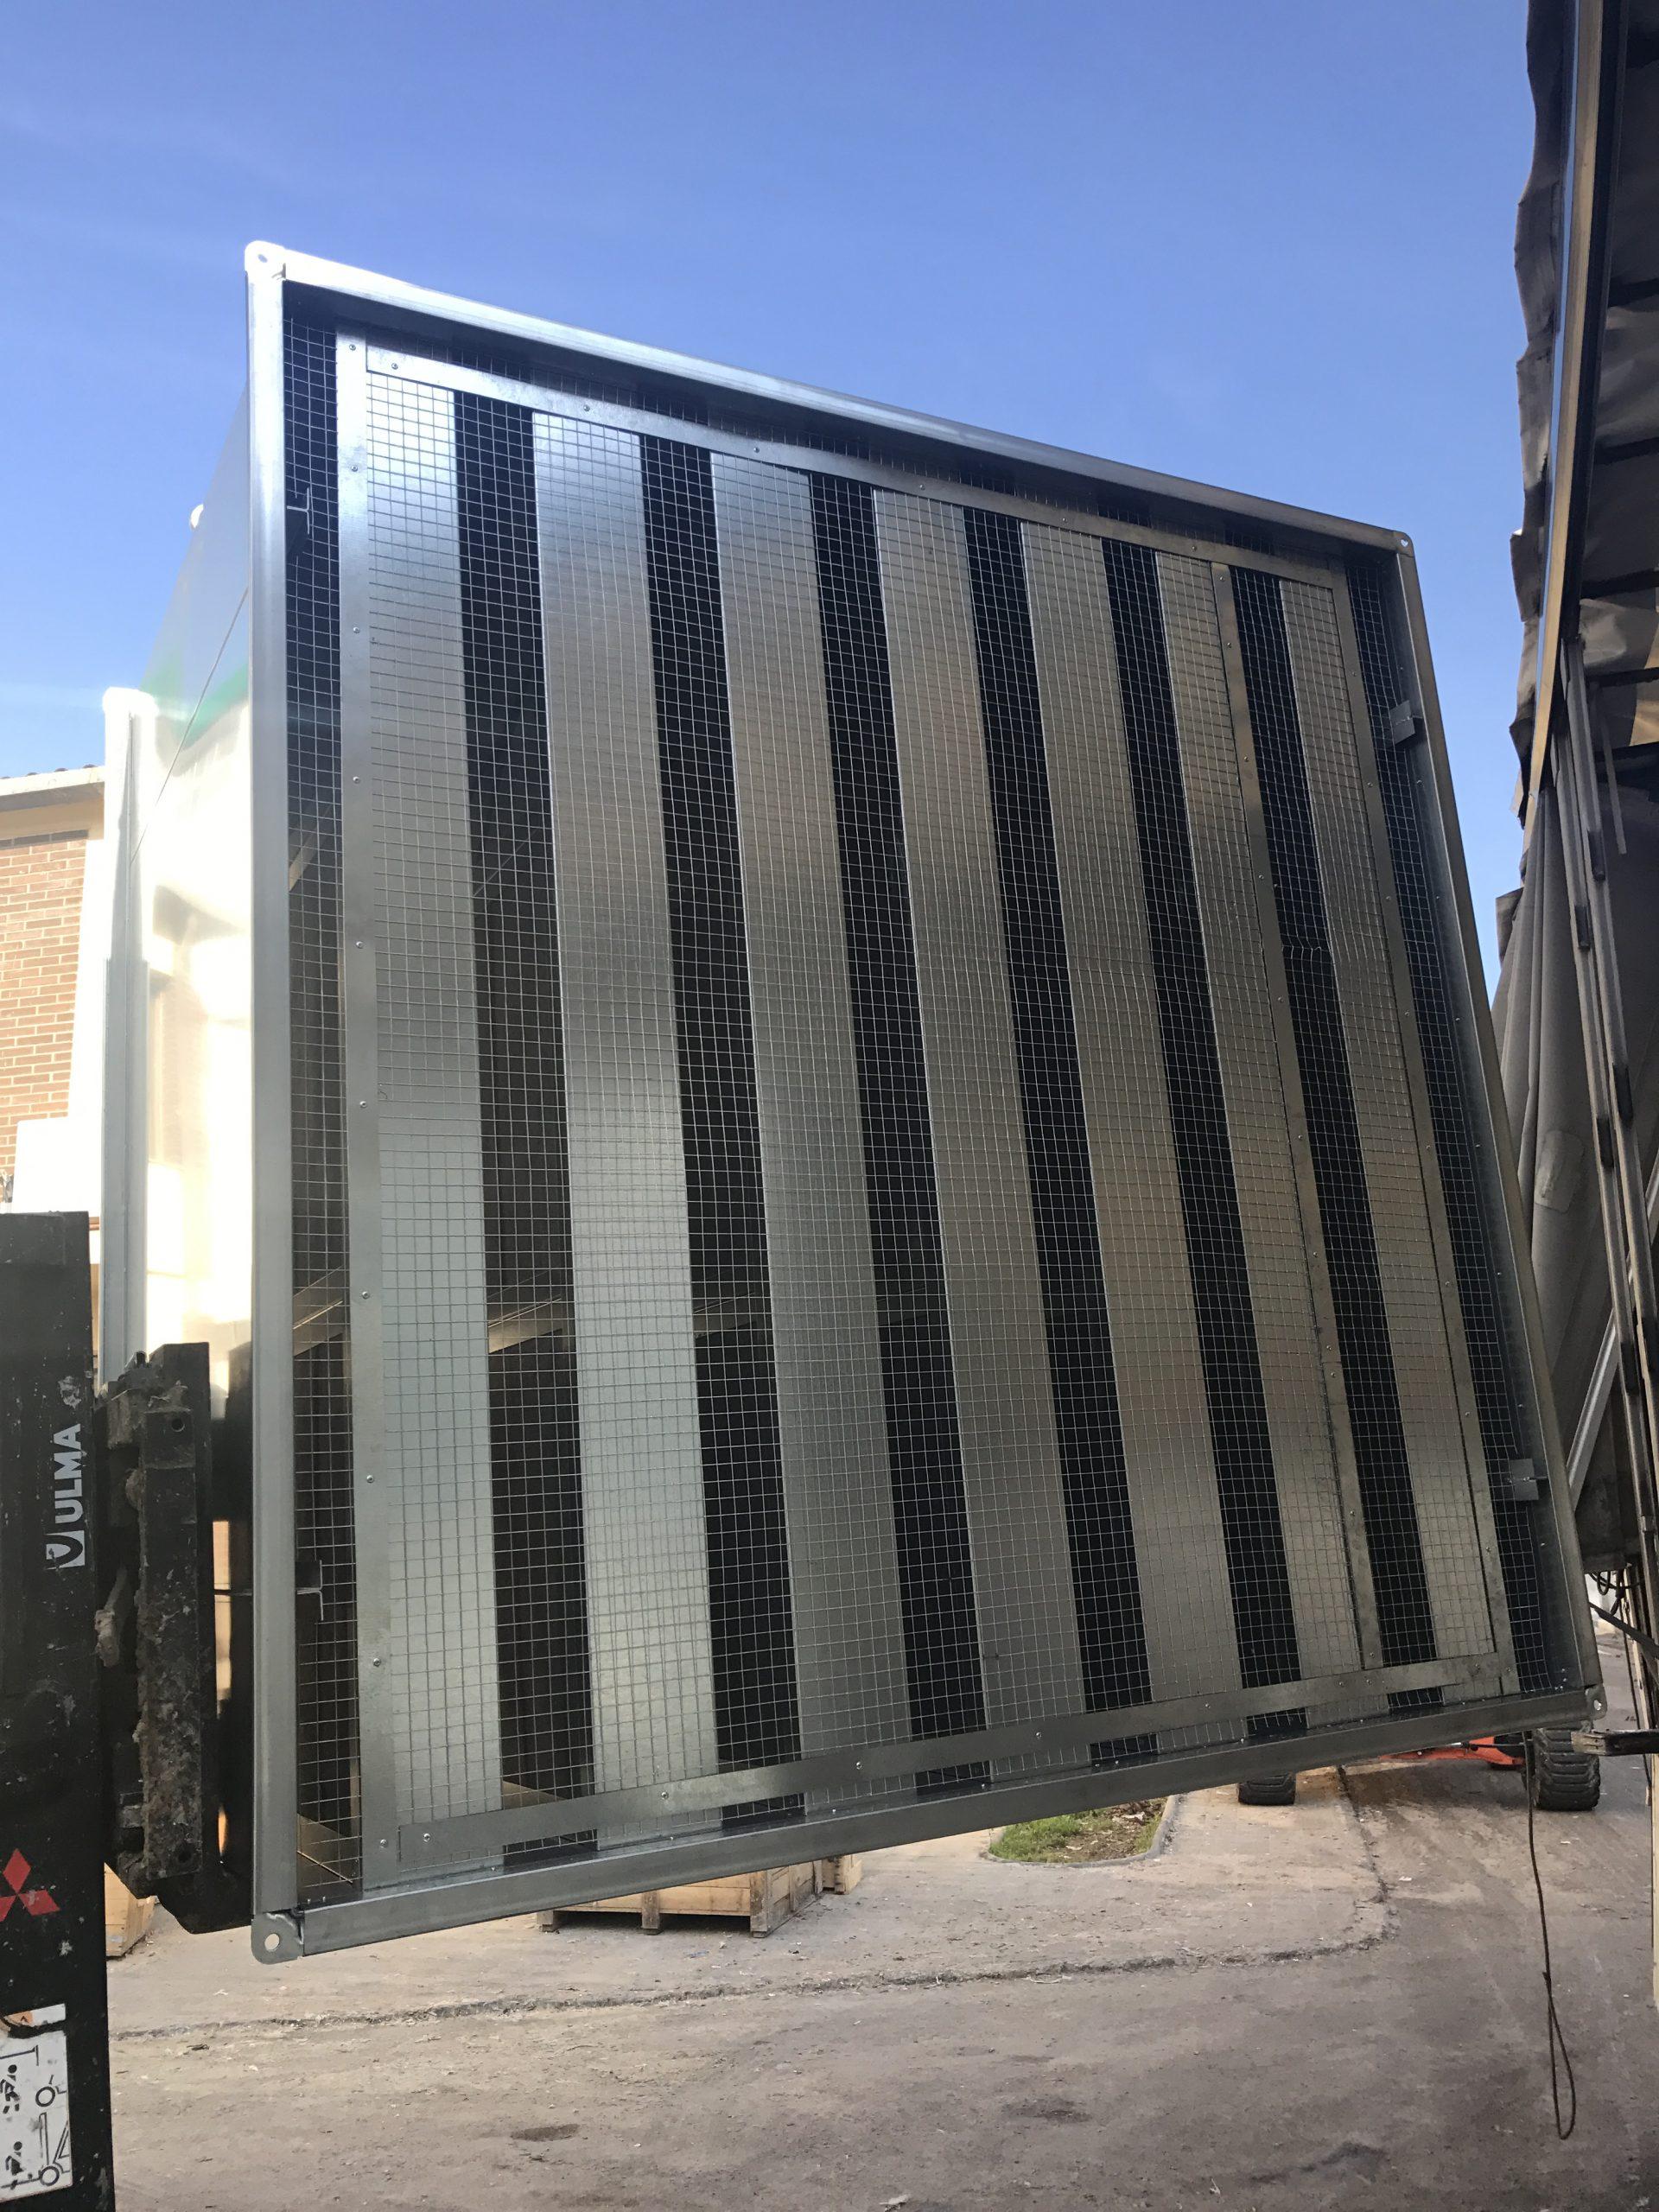 Silenciador de ventilación rectangular con malla a la entrada. Silenciador acústico de ventilación de colisas paralelas. Silenciador de paneles paralelos